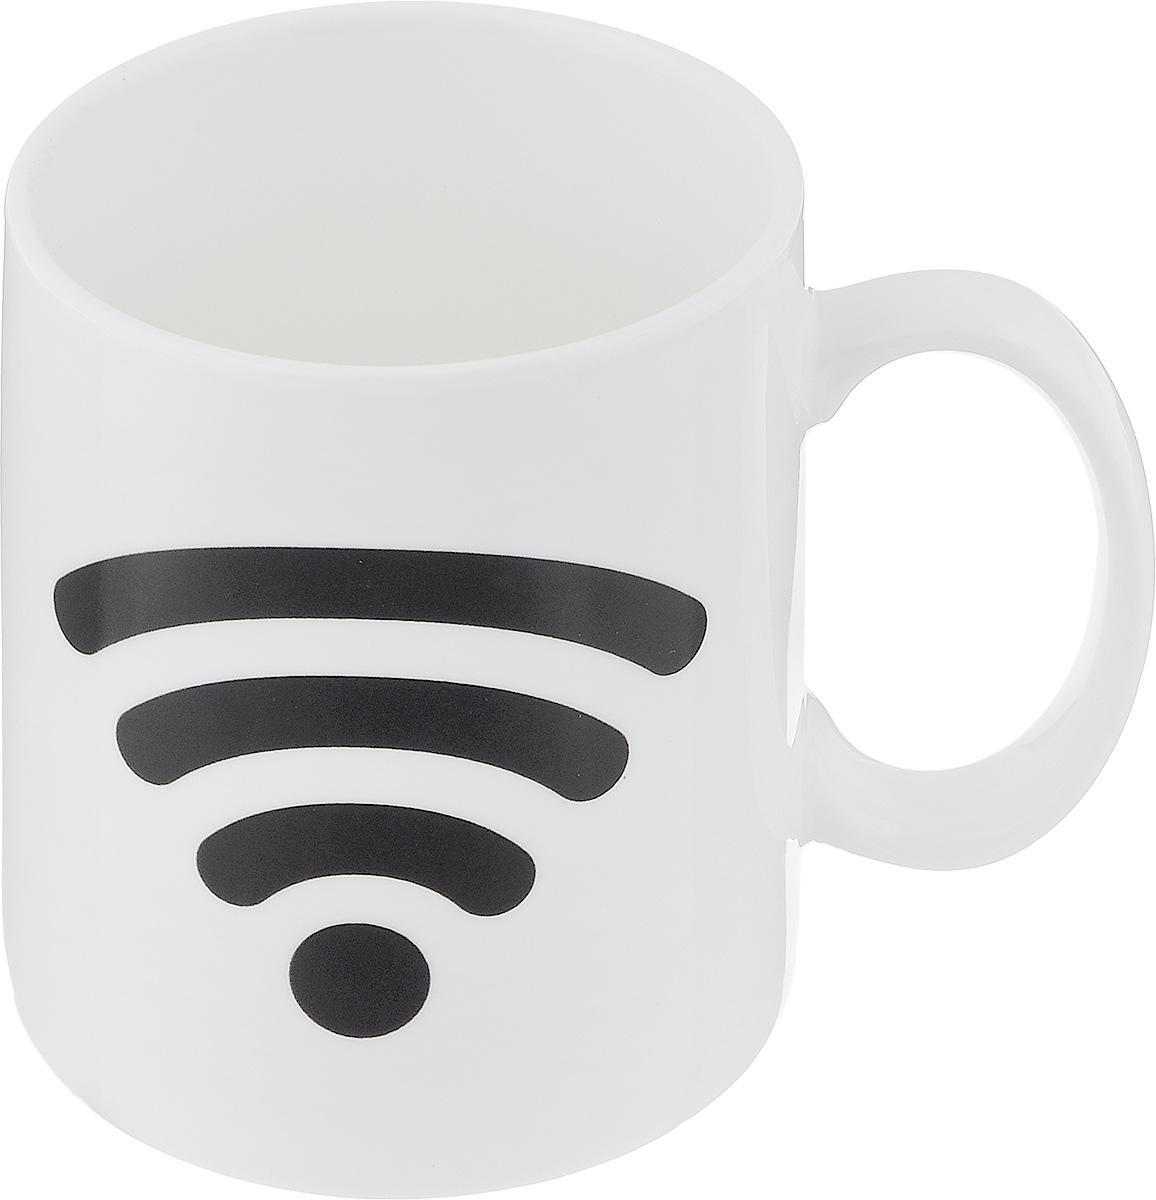 Кружка-хамелеон Эврика Включи Wi-Fi, 300 мл96304Кружка-хамелеон Эврика Включи WiFi выполнена извысококачественной керамики. По мере наполнения, шкалазарядки повышается. В холодном состоянии на кружкенарисованашкала Wi-Fi. Если в нее налить горячий напиток, то рисунокменяет цвет.Такой подарок станет не только приятным, но и практичнымсувениром: кружка станет незаменимым атрибутом чаепития, аоригинальный дизайн вызовет улыбку. Высота кружки: 9,5 см. Диаметр (без учета ручки): 8 см.